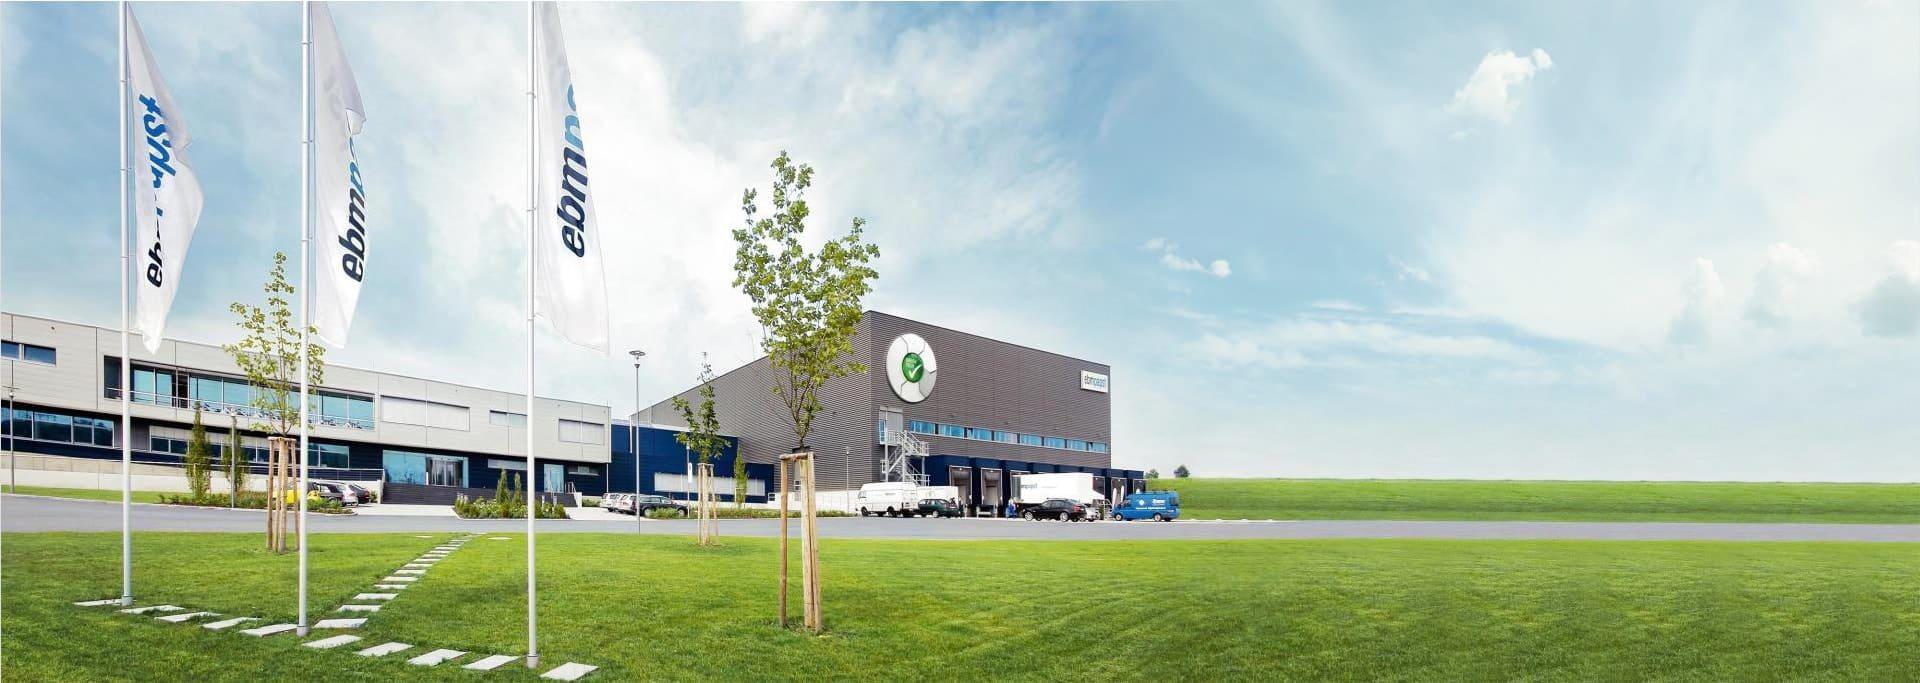 Завод ebmpapst в городе Mulfingen Германия